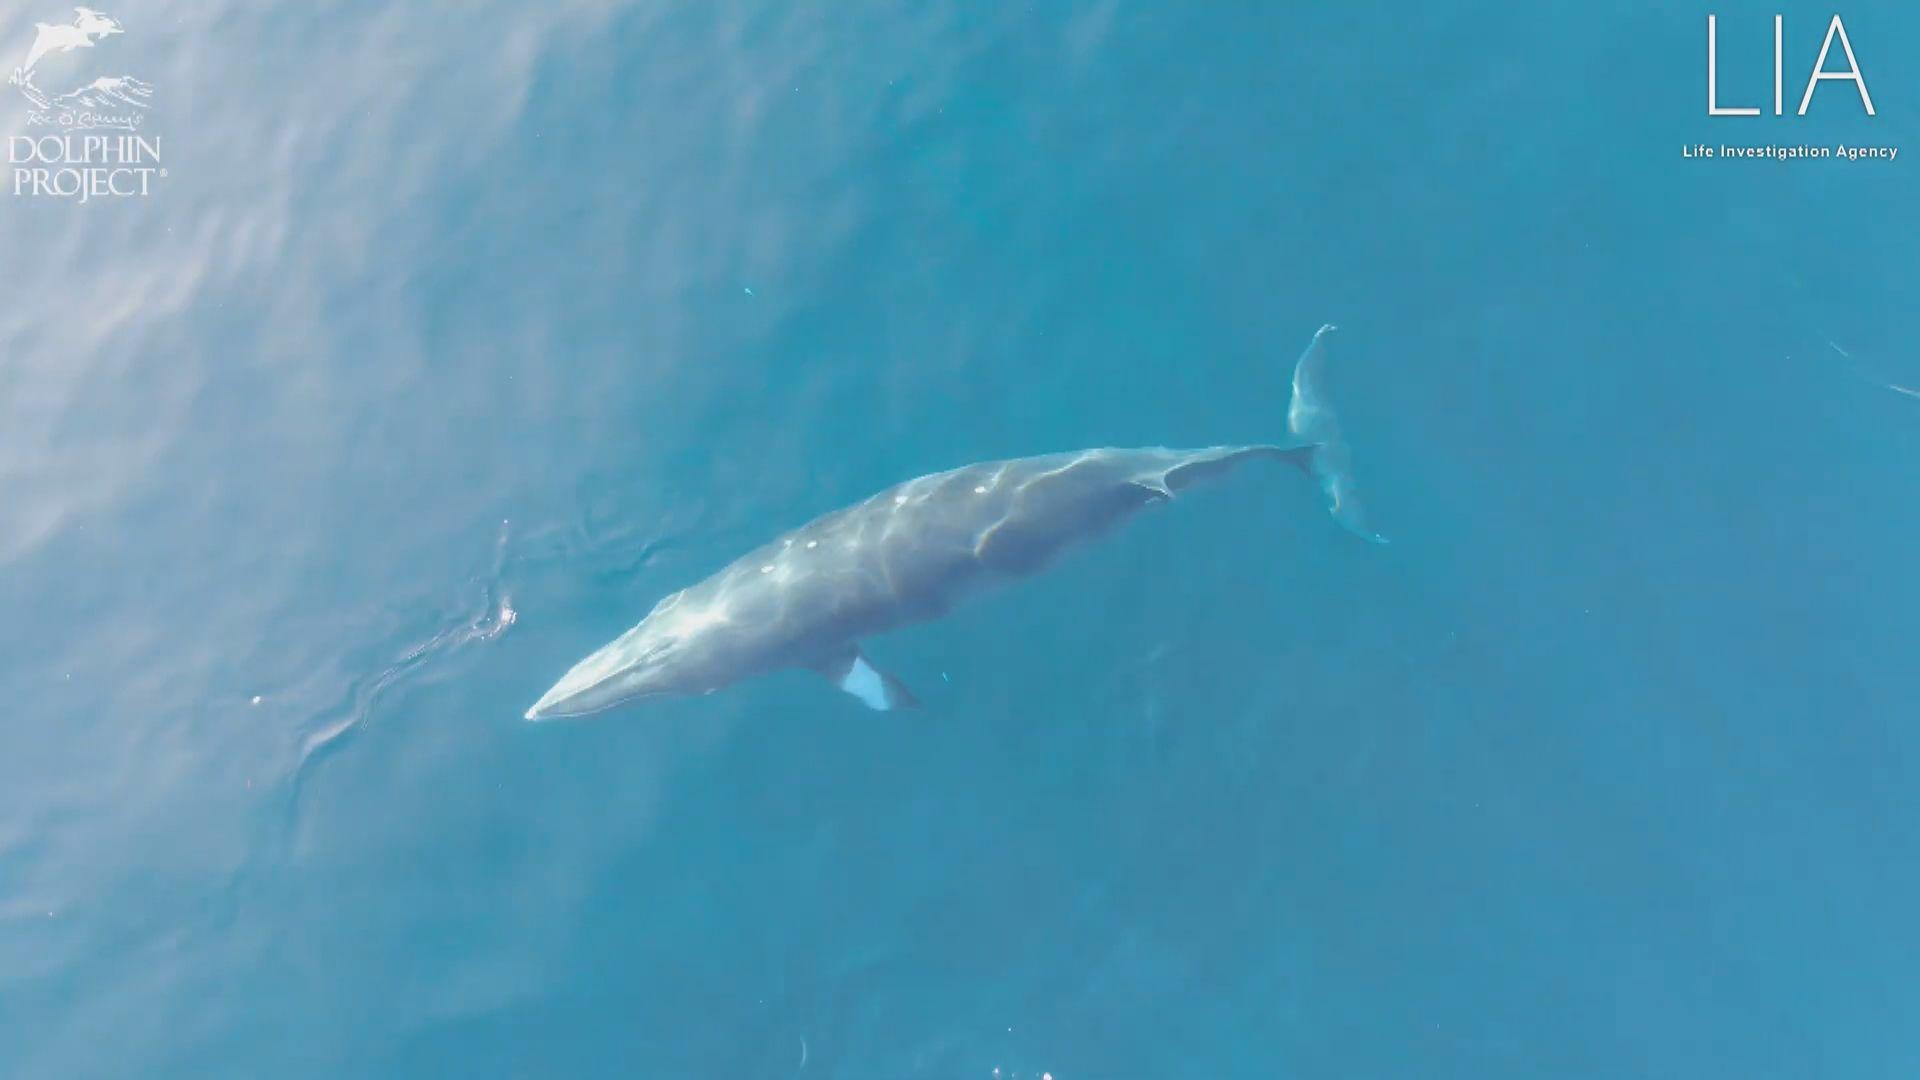 【環球薈報】日本太地町有小鬚鯨被困漁網多日